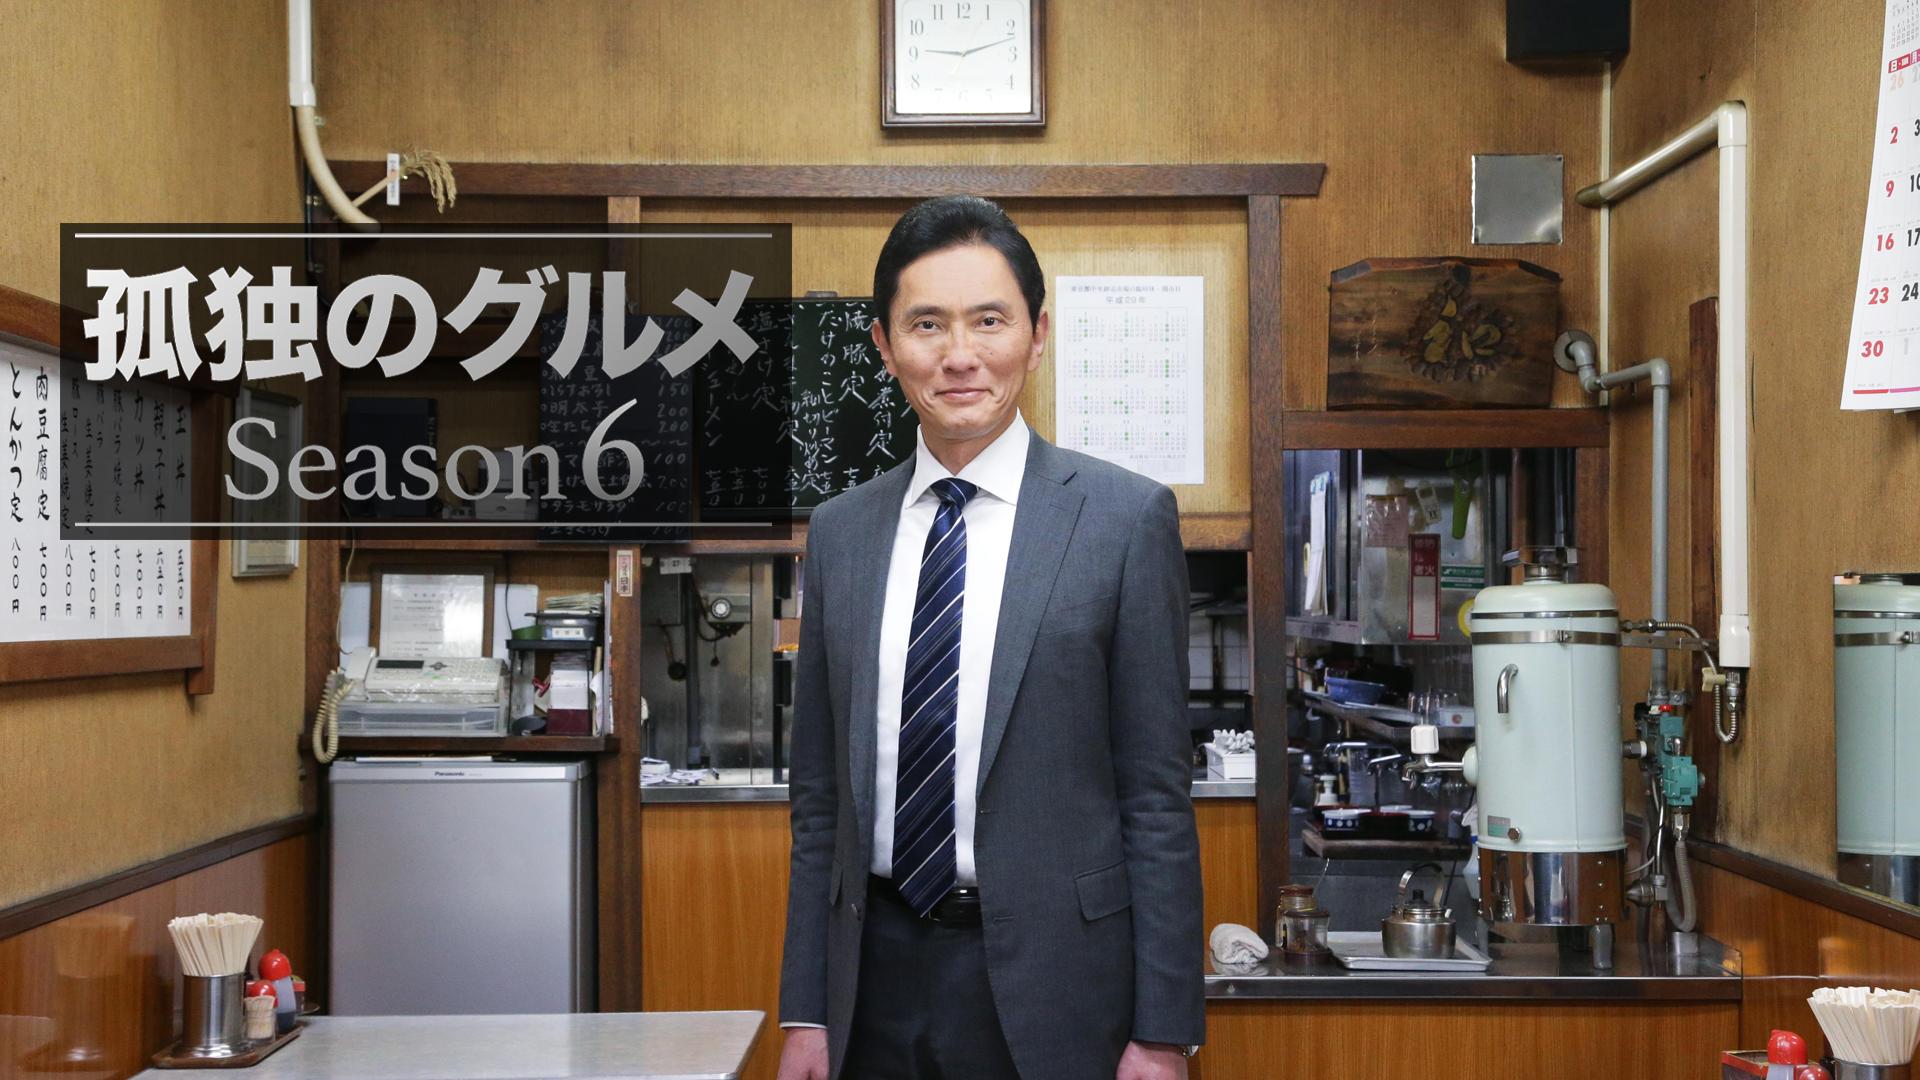 孤独のグルメ Season6の動画 - 孤独のグルメ 大晦日スペシャル~食べ納め!瀬戸内出張編~